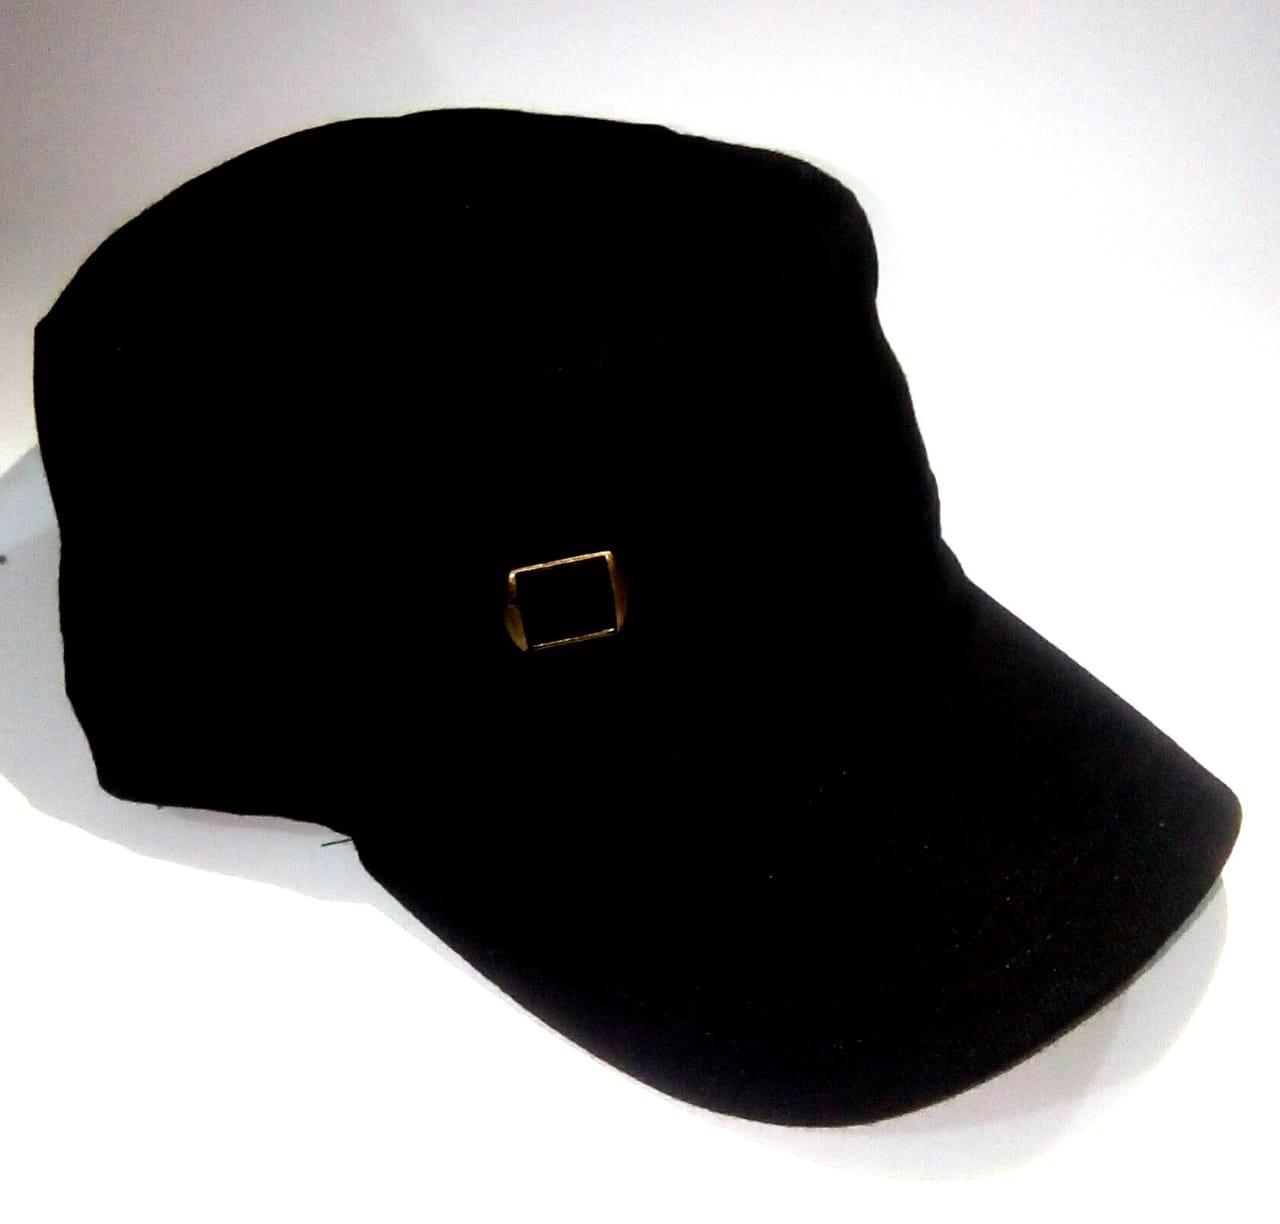 a0c24d45329714 Buy Mens Caps & Hats @ Best Price in Pakistan - Daraz.pk